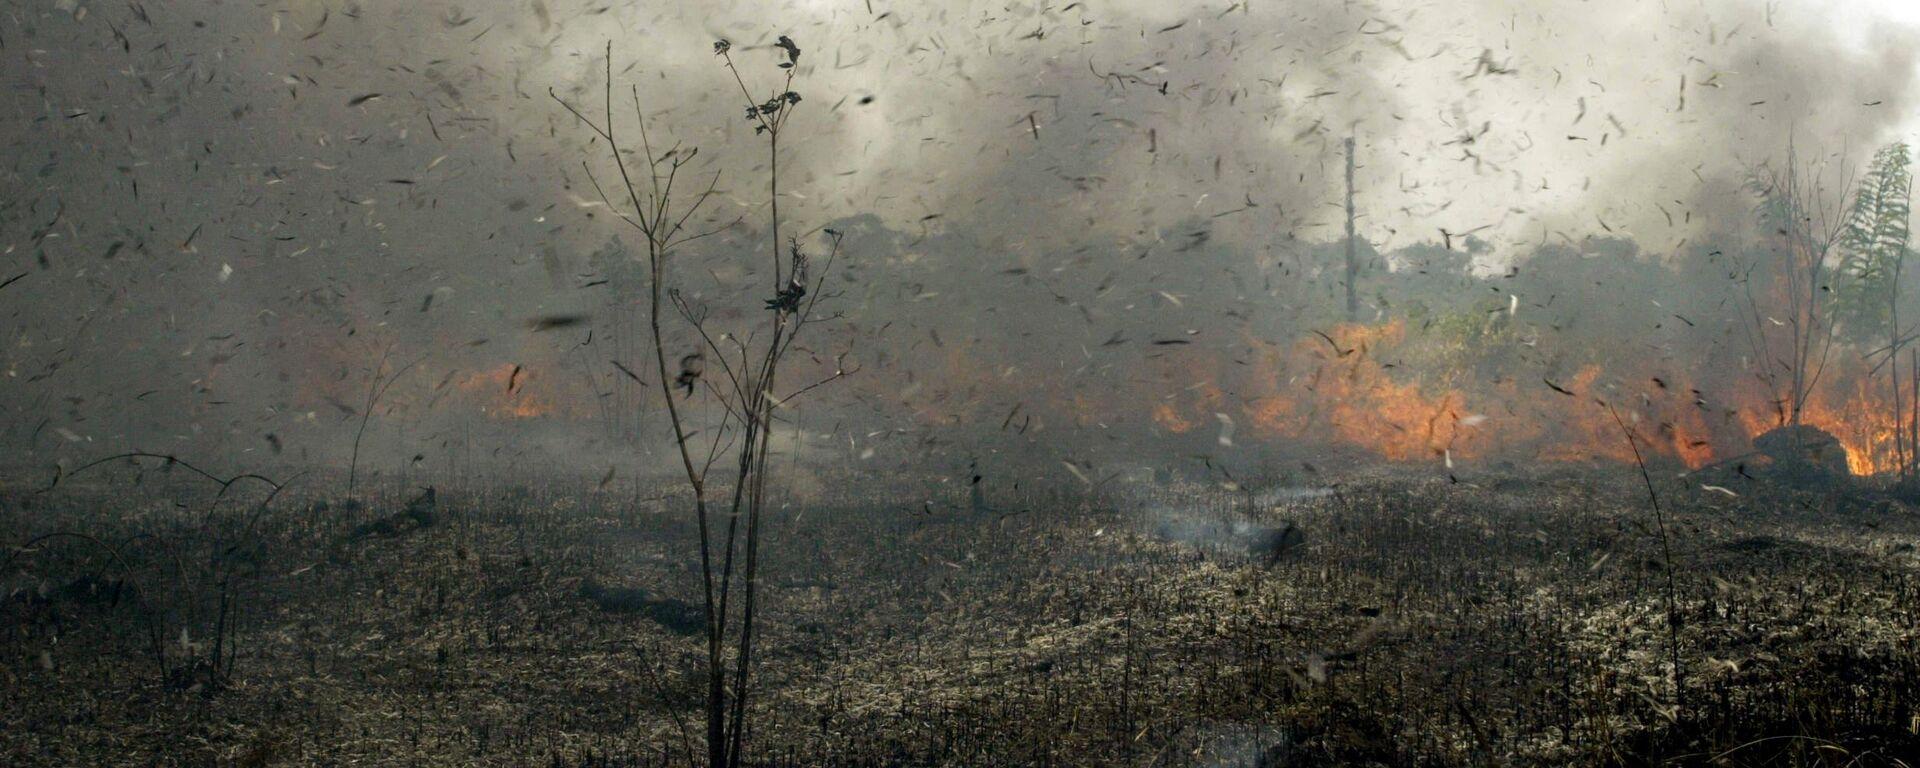 Los incendios forestales en Bolivia  - Sputnik Mundo, 1920, 11.08.2021